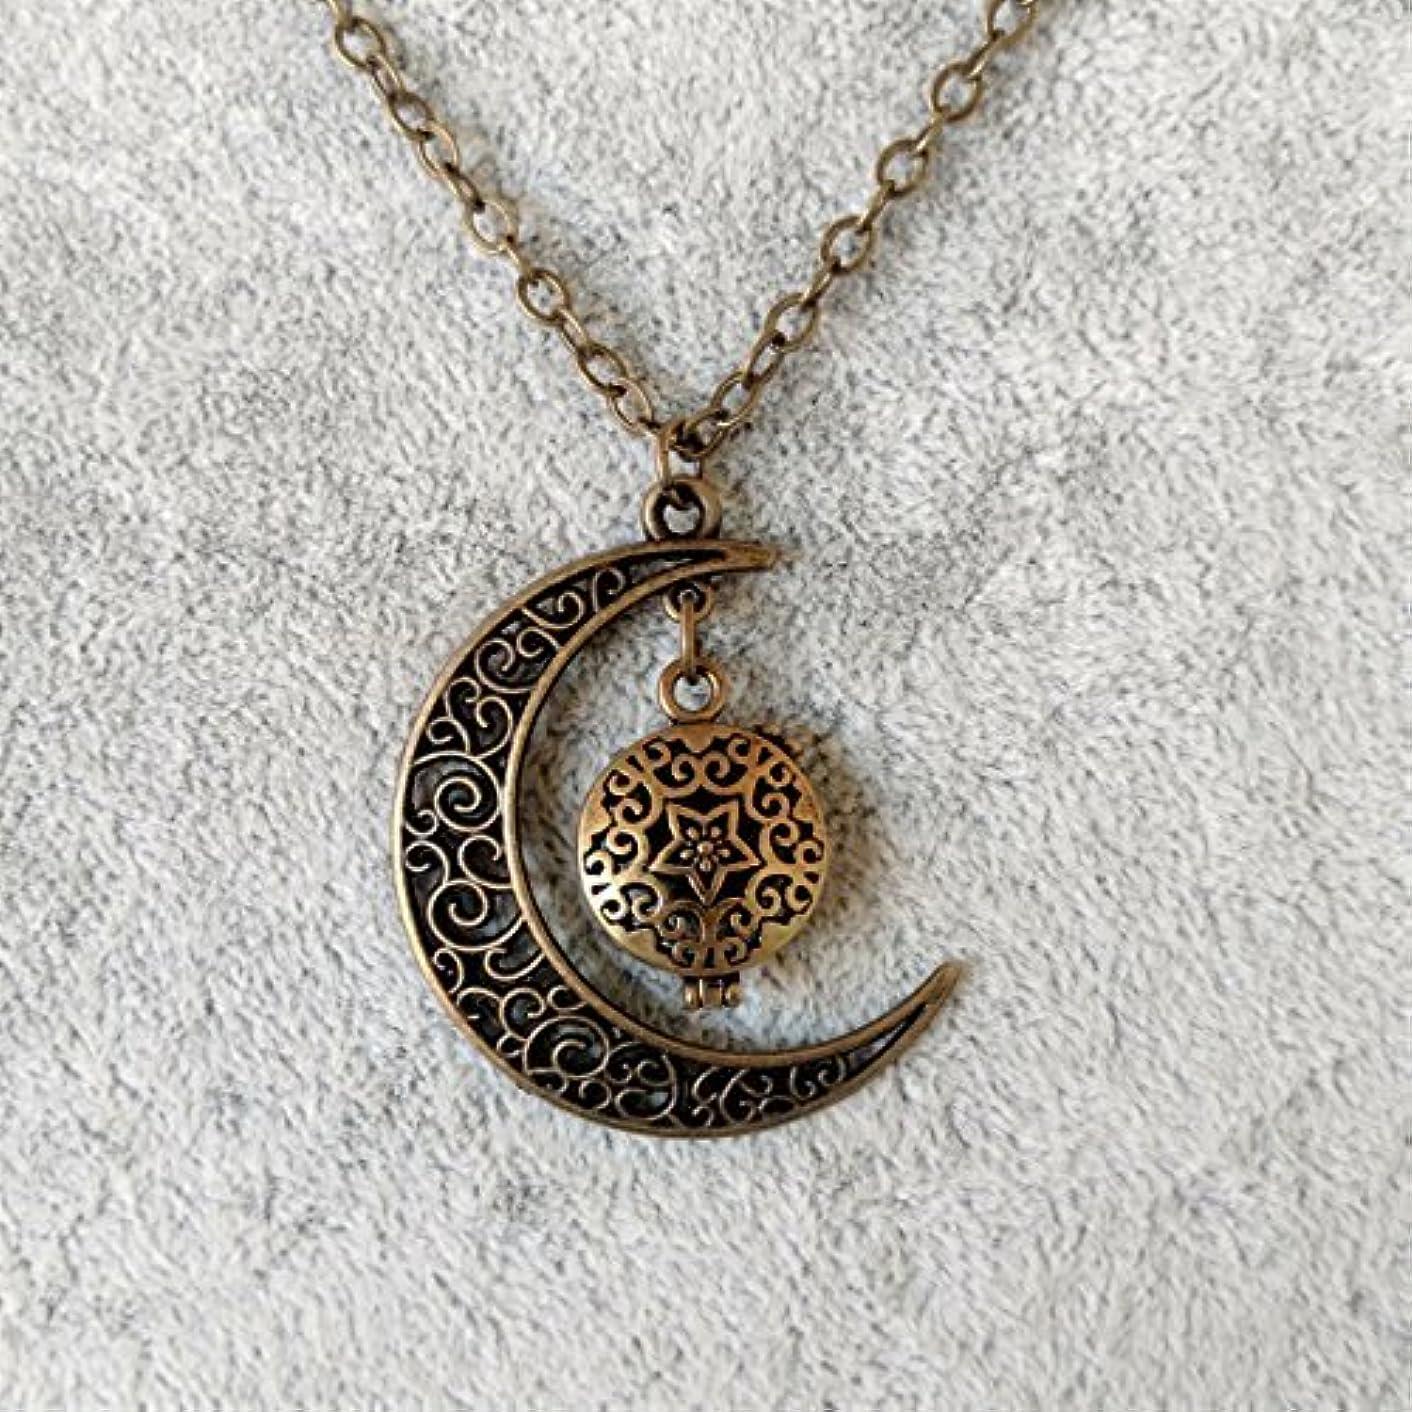 ジャングルコットン光電Lunar Crescent Moon with Small Bronze-tone Locket Aromatherapy Necklace Essential Oil Diffuser Locket Pendant...